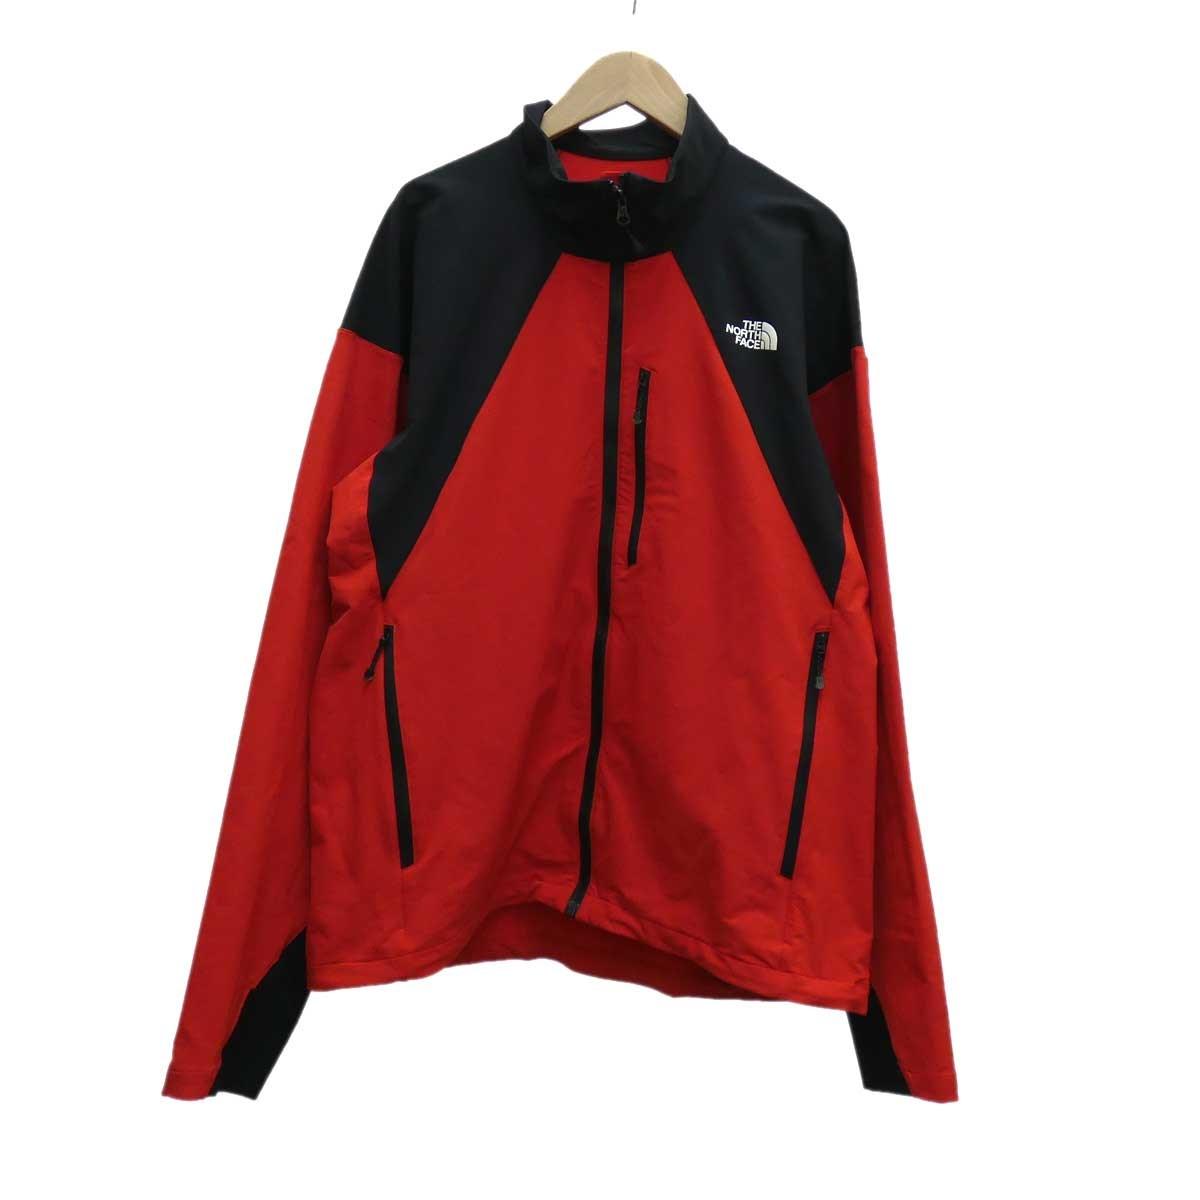 【中古】THE NORTH FACE Hammerhead Jacket レッド×ブラック サイズ:L 【140220】(ザノースフェイス)